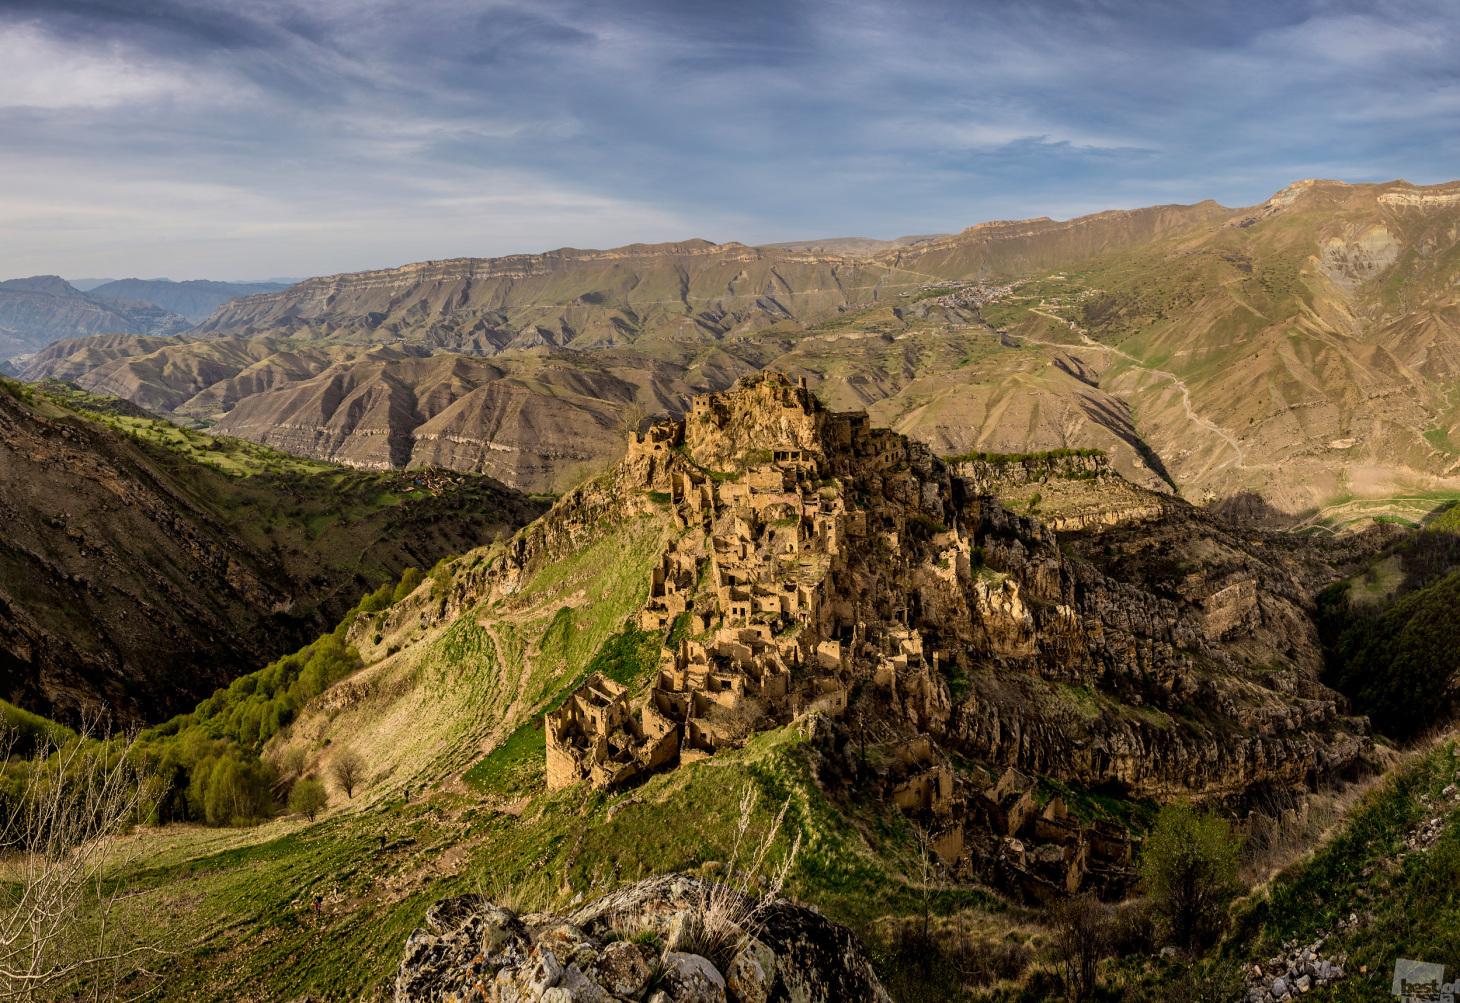 6/15. Napušteno selo Gamsutlj, nekadašnje avarsko naselje u Dagestanu (Sjeverni Kavkaz). Selo je urezano u stijenu na oko 1 400 m nadmorske visine.